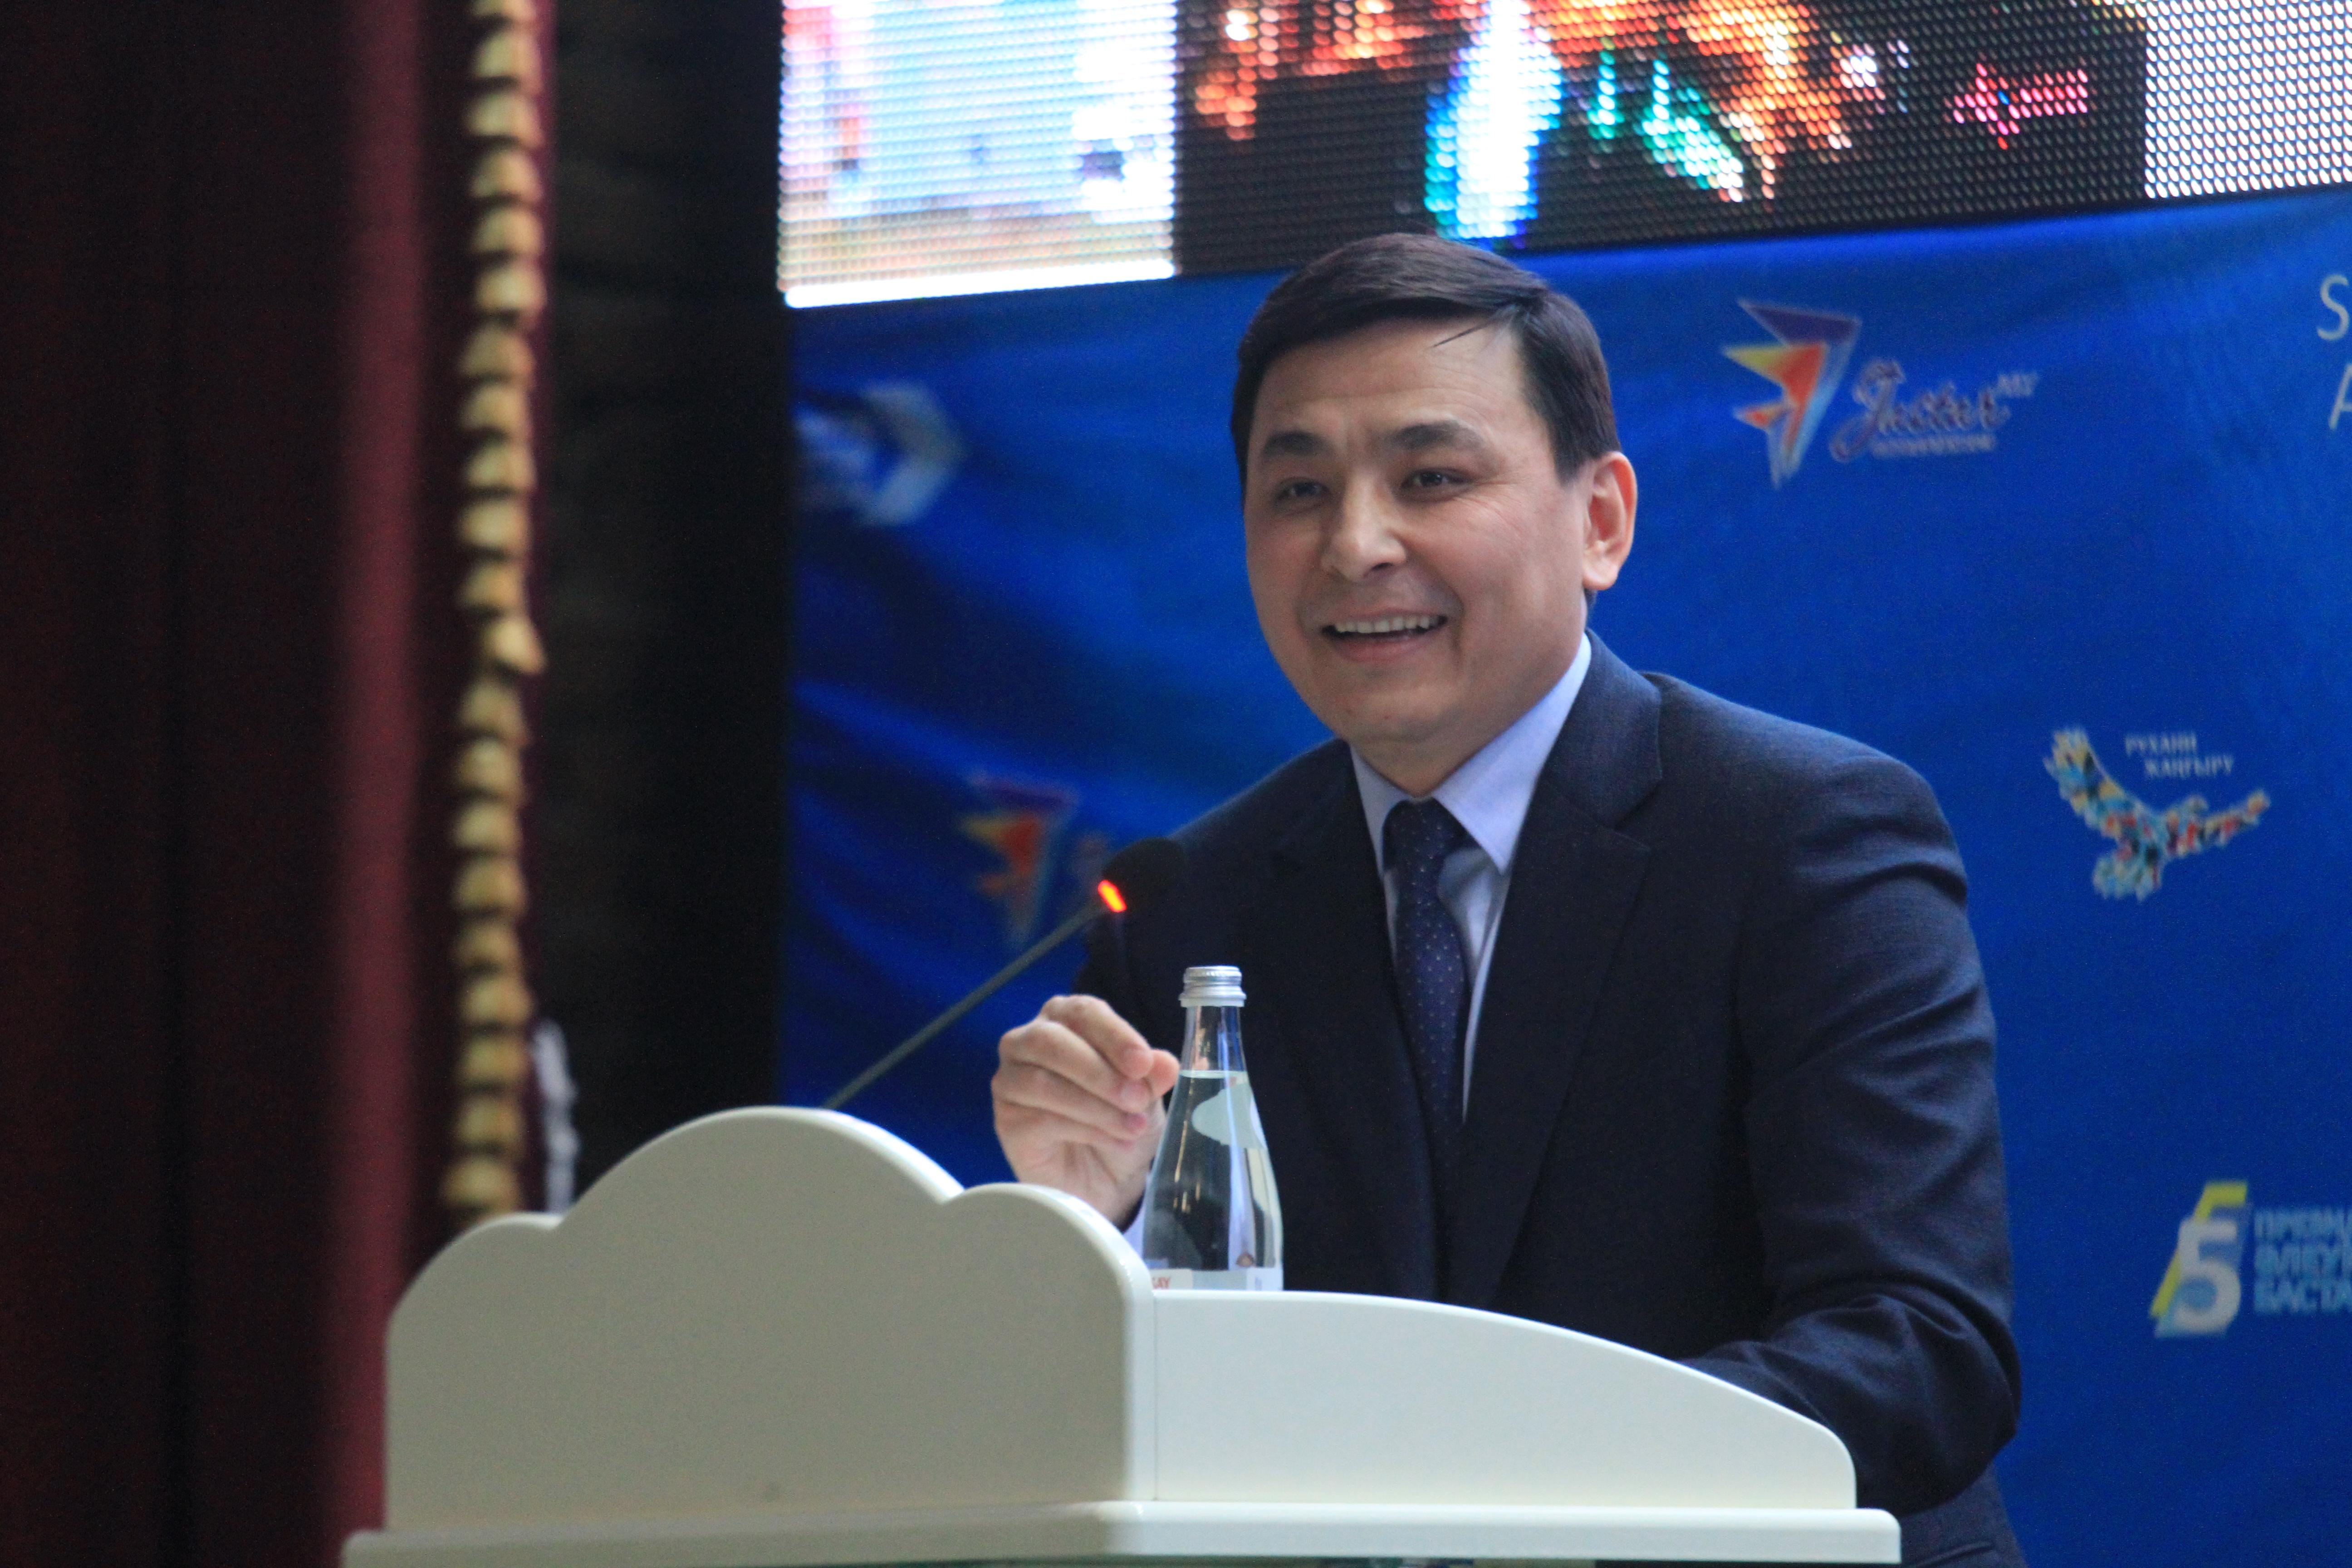 2 млрд тенге в год тратит акимат ЗКО на своё содержание